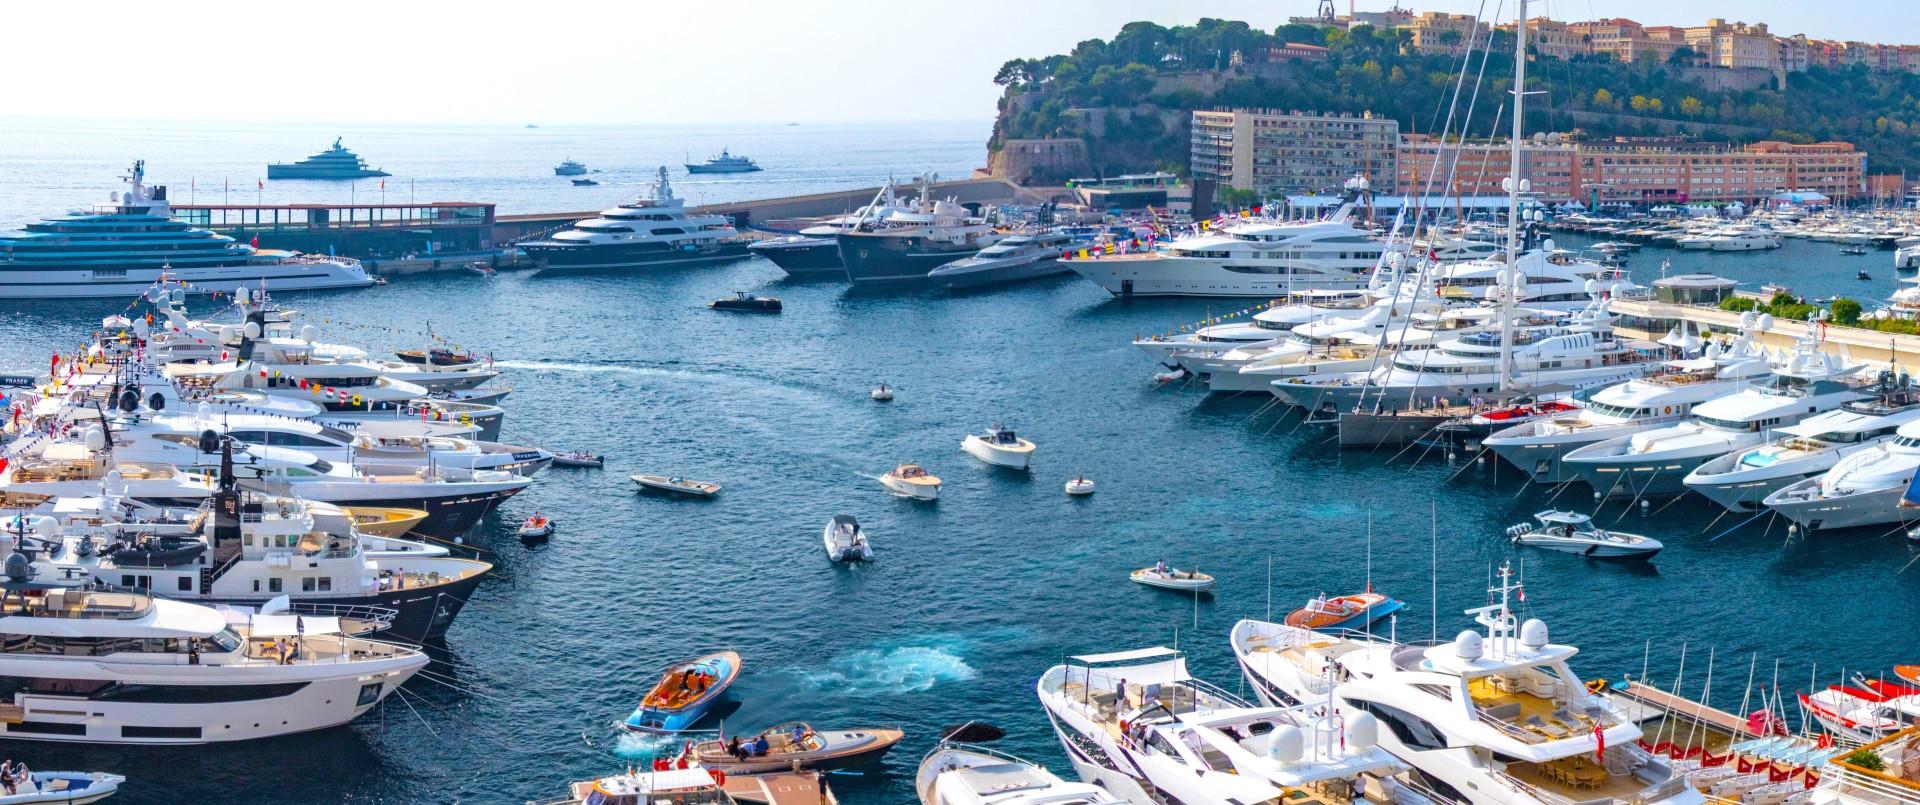 Yachts in marina at Monaco Yacht Show